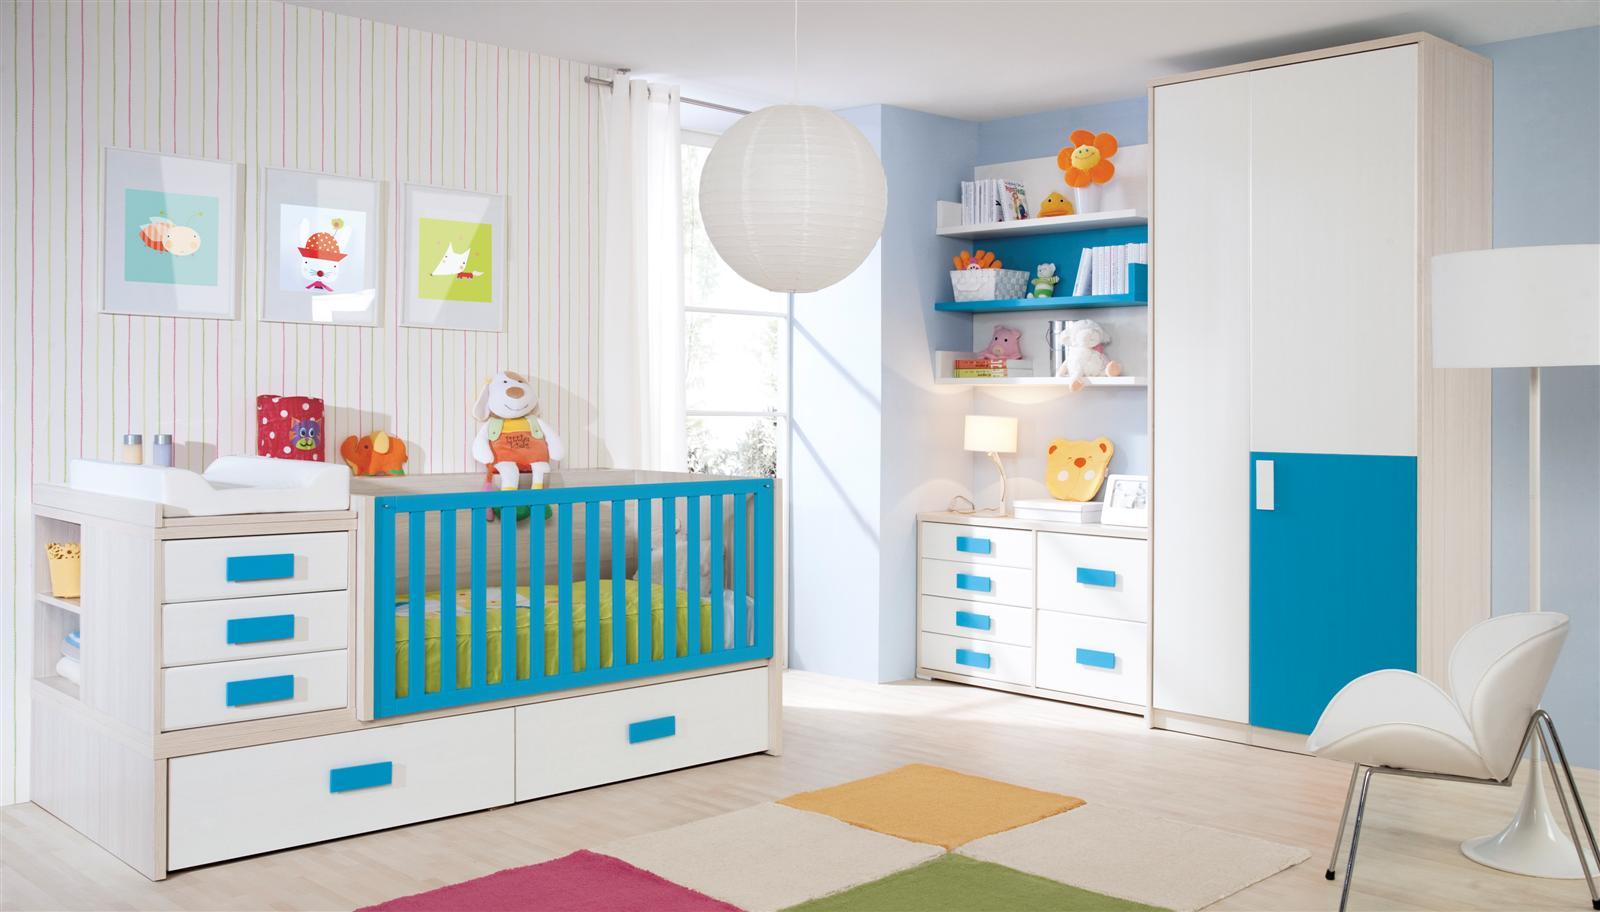 Psicolog a del color para decorar habitaciones infantiles - Habitaciones infantiles decoradas ...